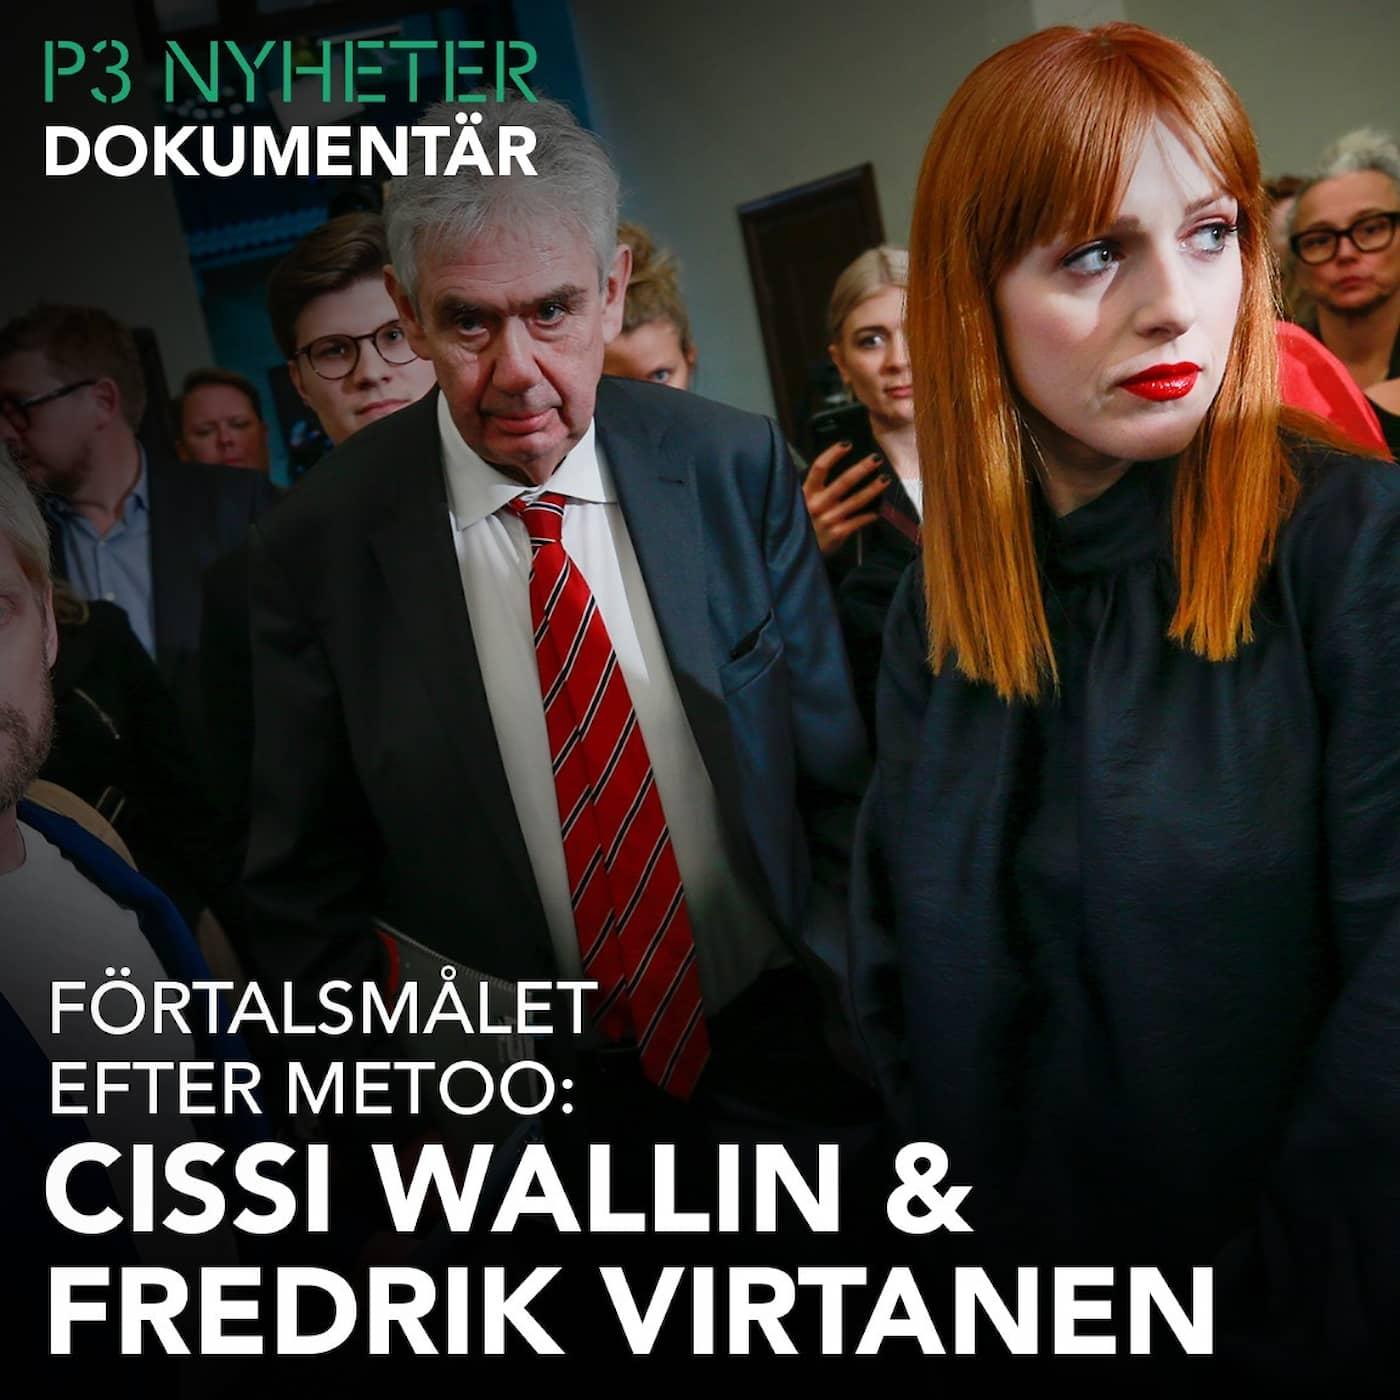 Förtalsmålet efter Metoo: Cissi Wallin och Fredrik Virtanen - P3 Nyheter Dokumentär